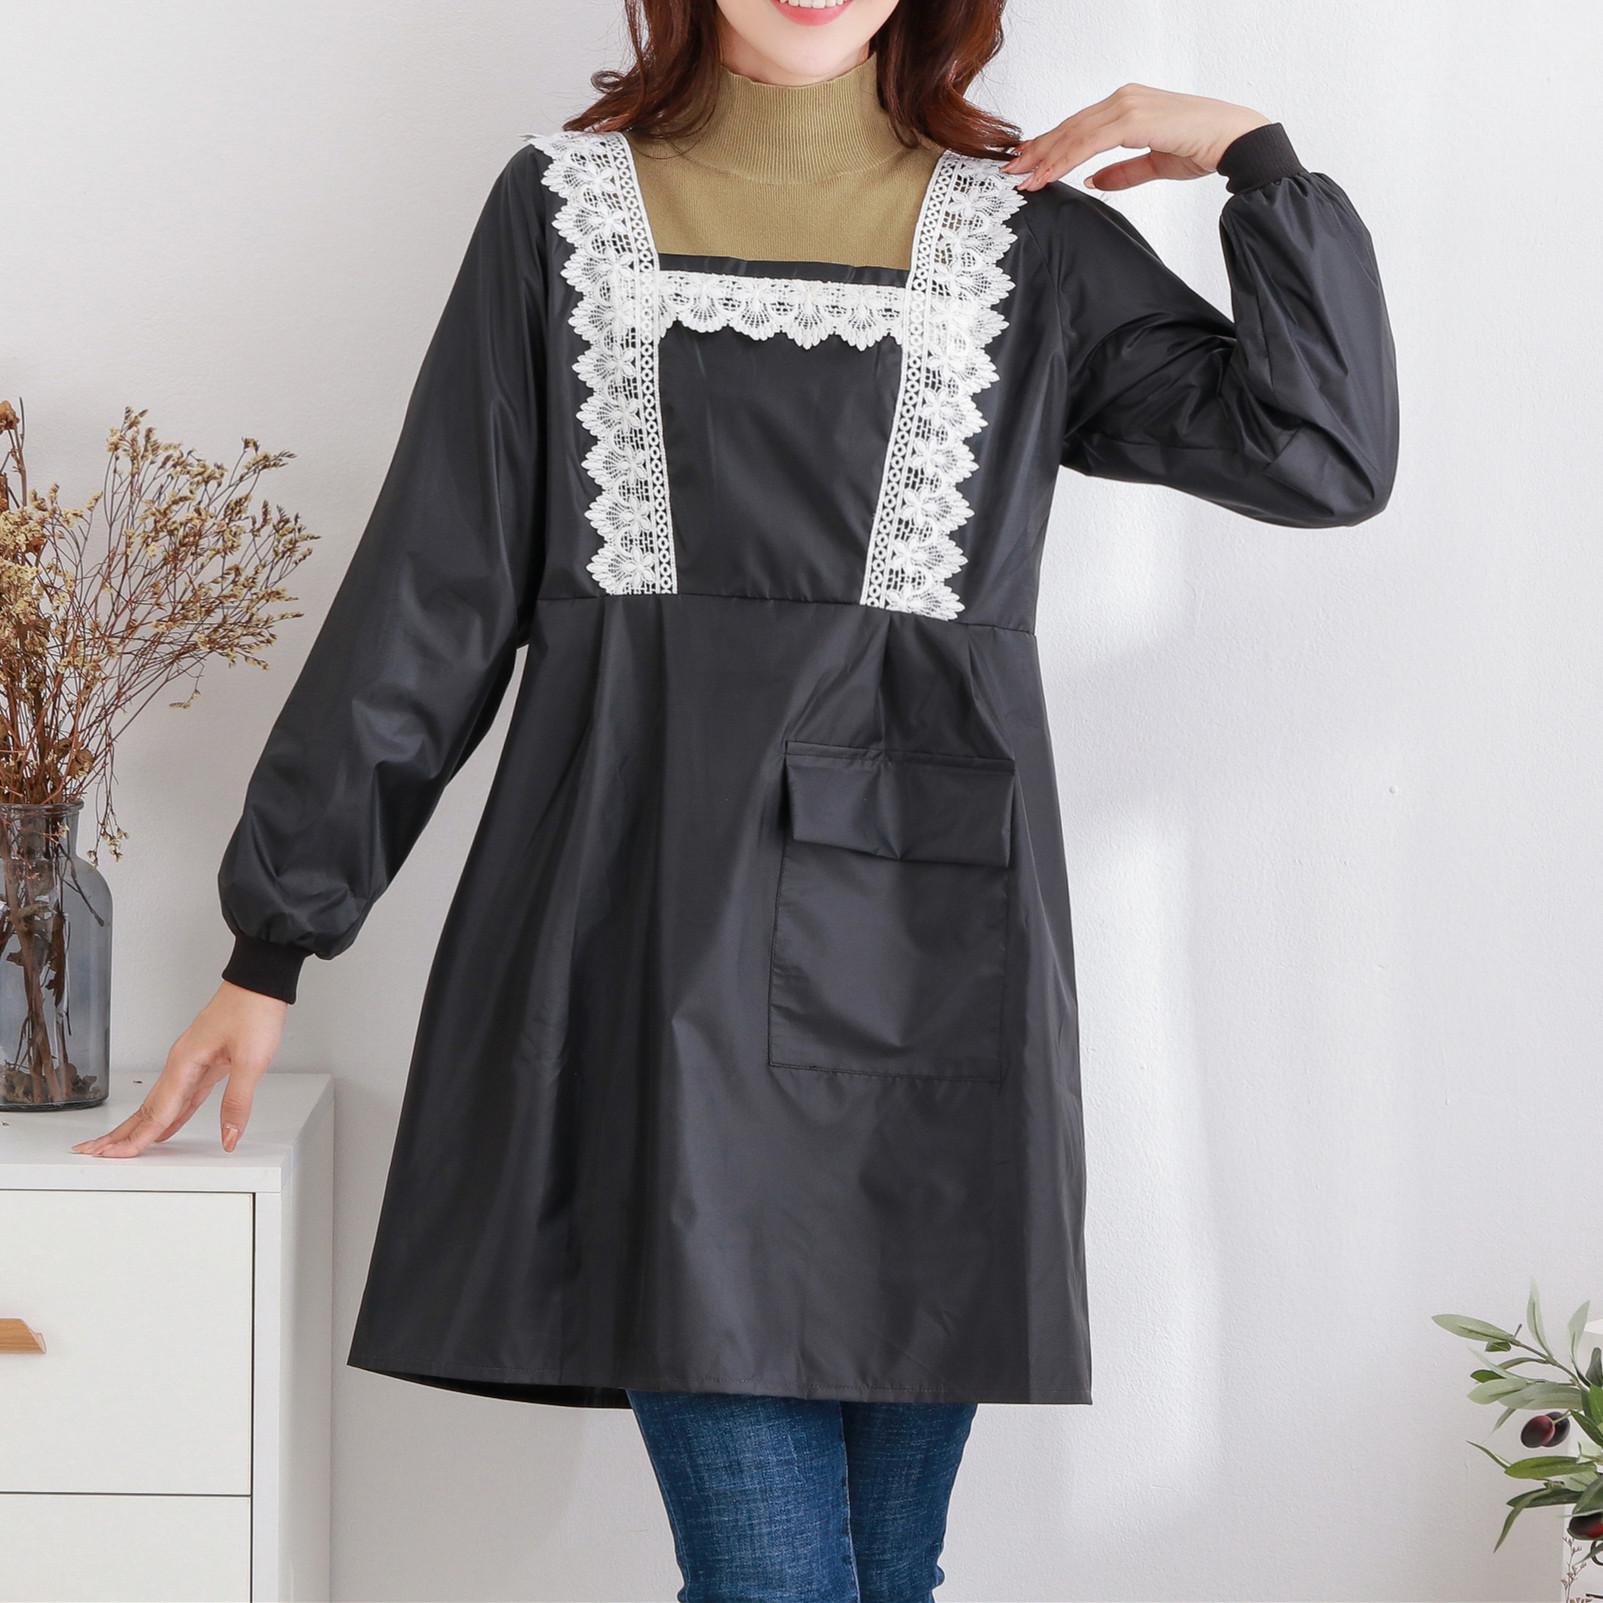 法式白色花边黑色防水防油围裙厨房围裙长袖反穿罩衣